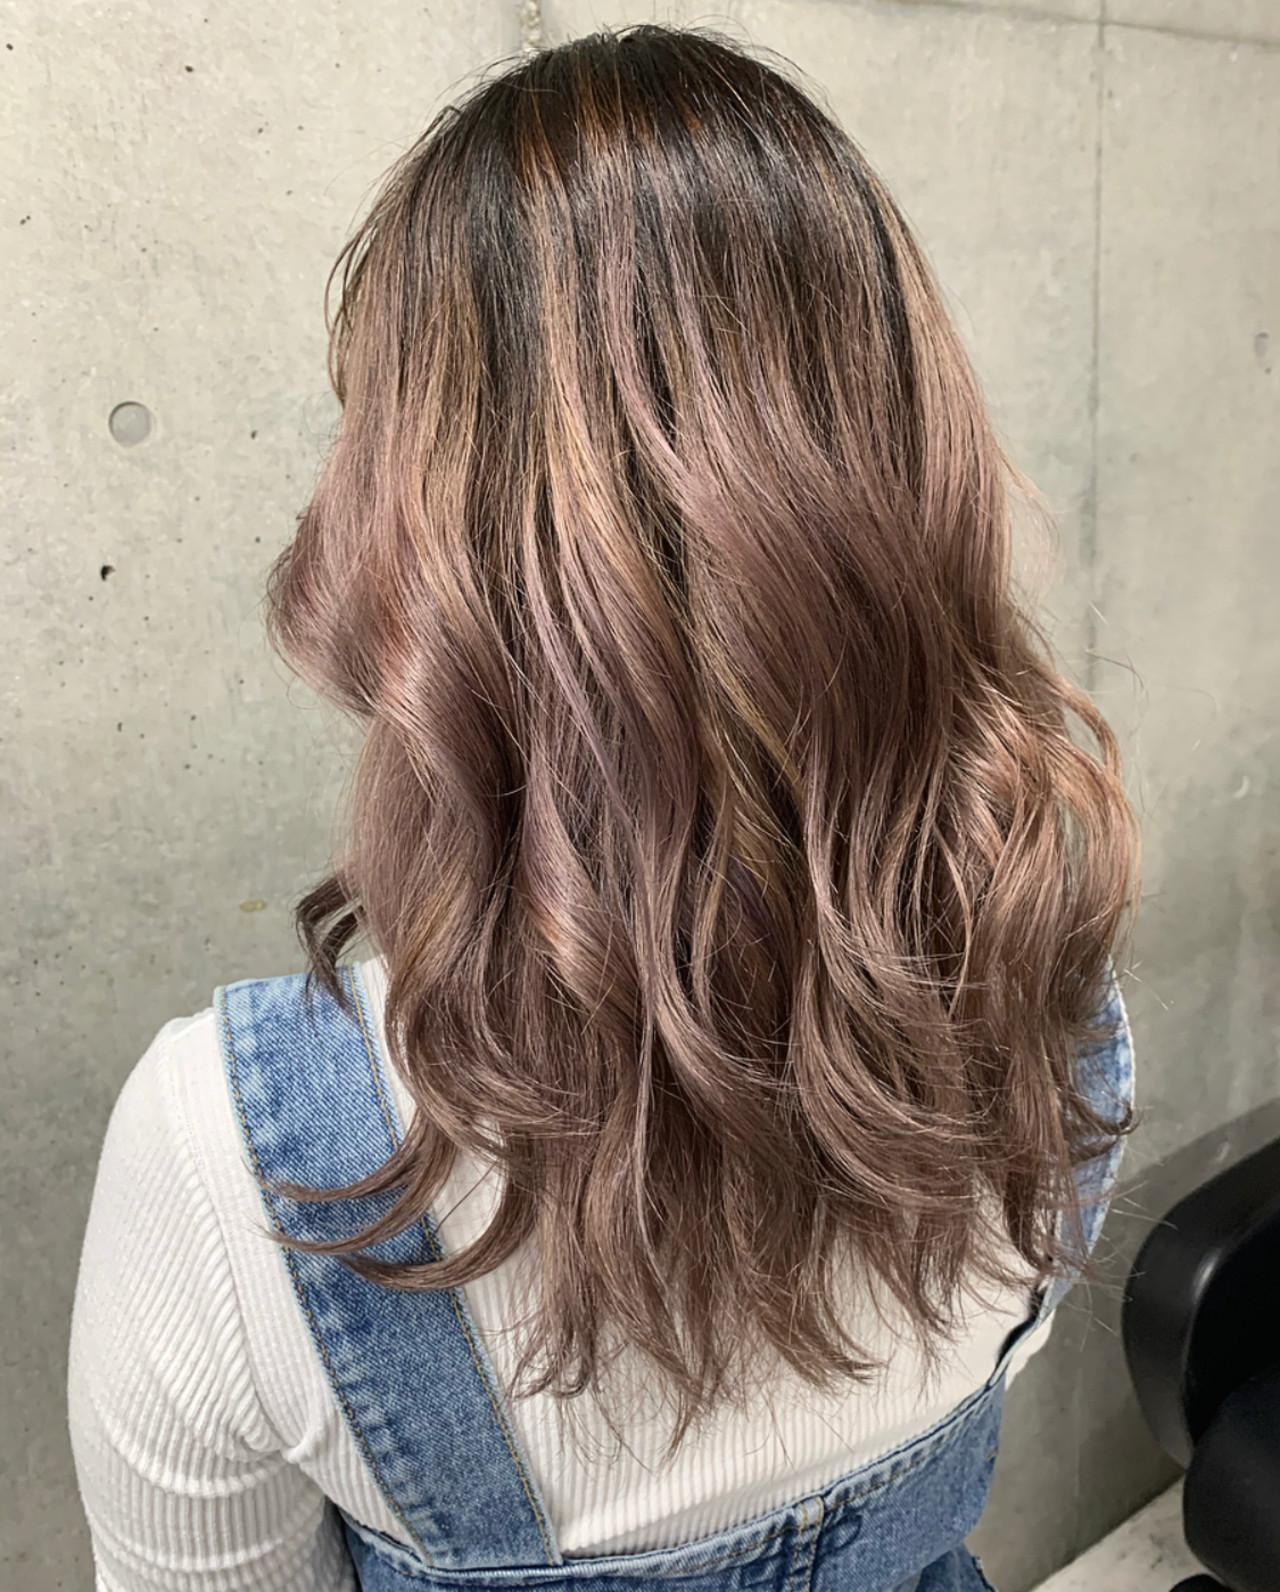 ピンクパープル バレイヤージュ ガーリー ミディアム ヘアスタイルや髪型の写真・画像